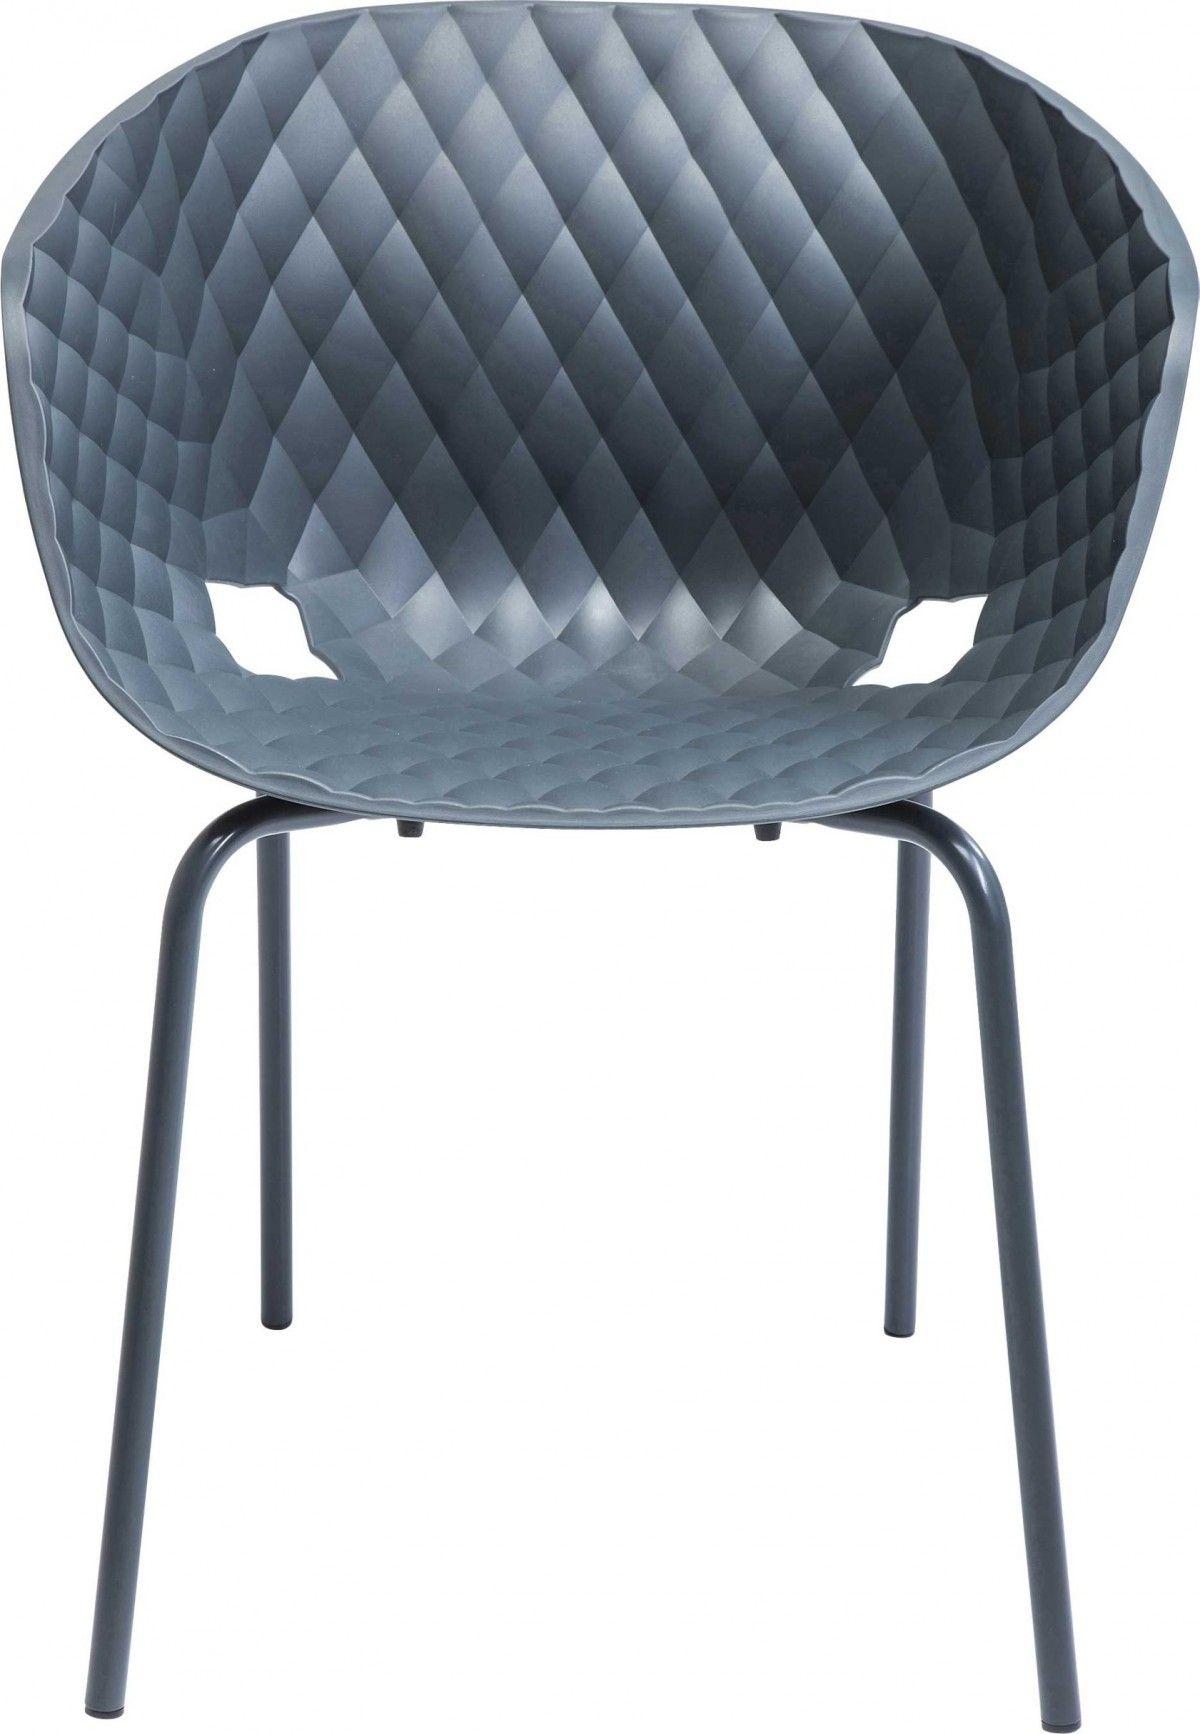 KARE Design   Stühle  Stuhl Mit Armlehne Radar Bubble Anthrazit    Versandkostenfrei Jetzt Bei KARE